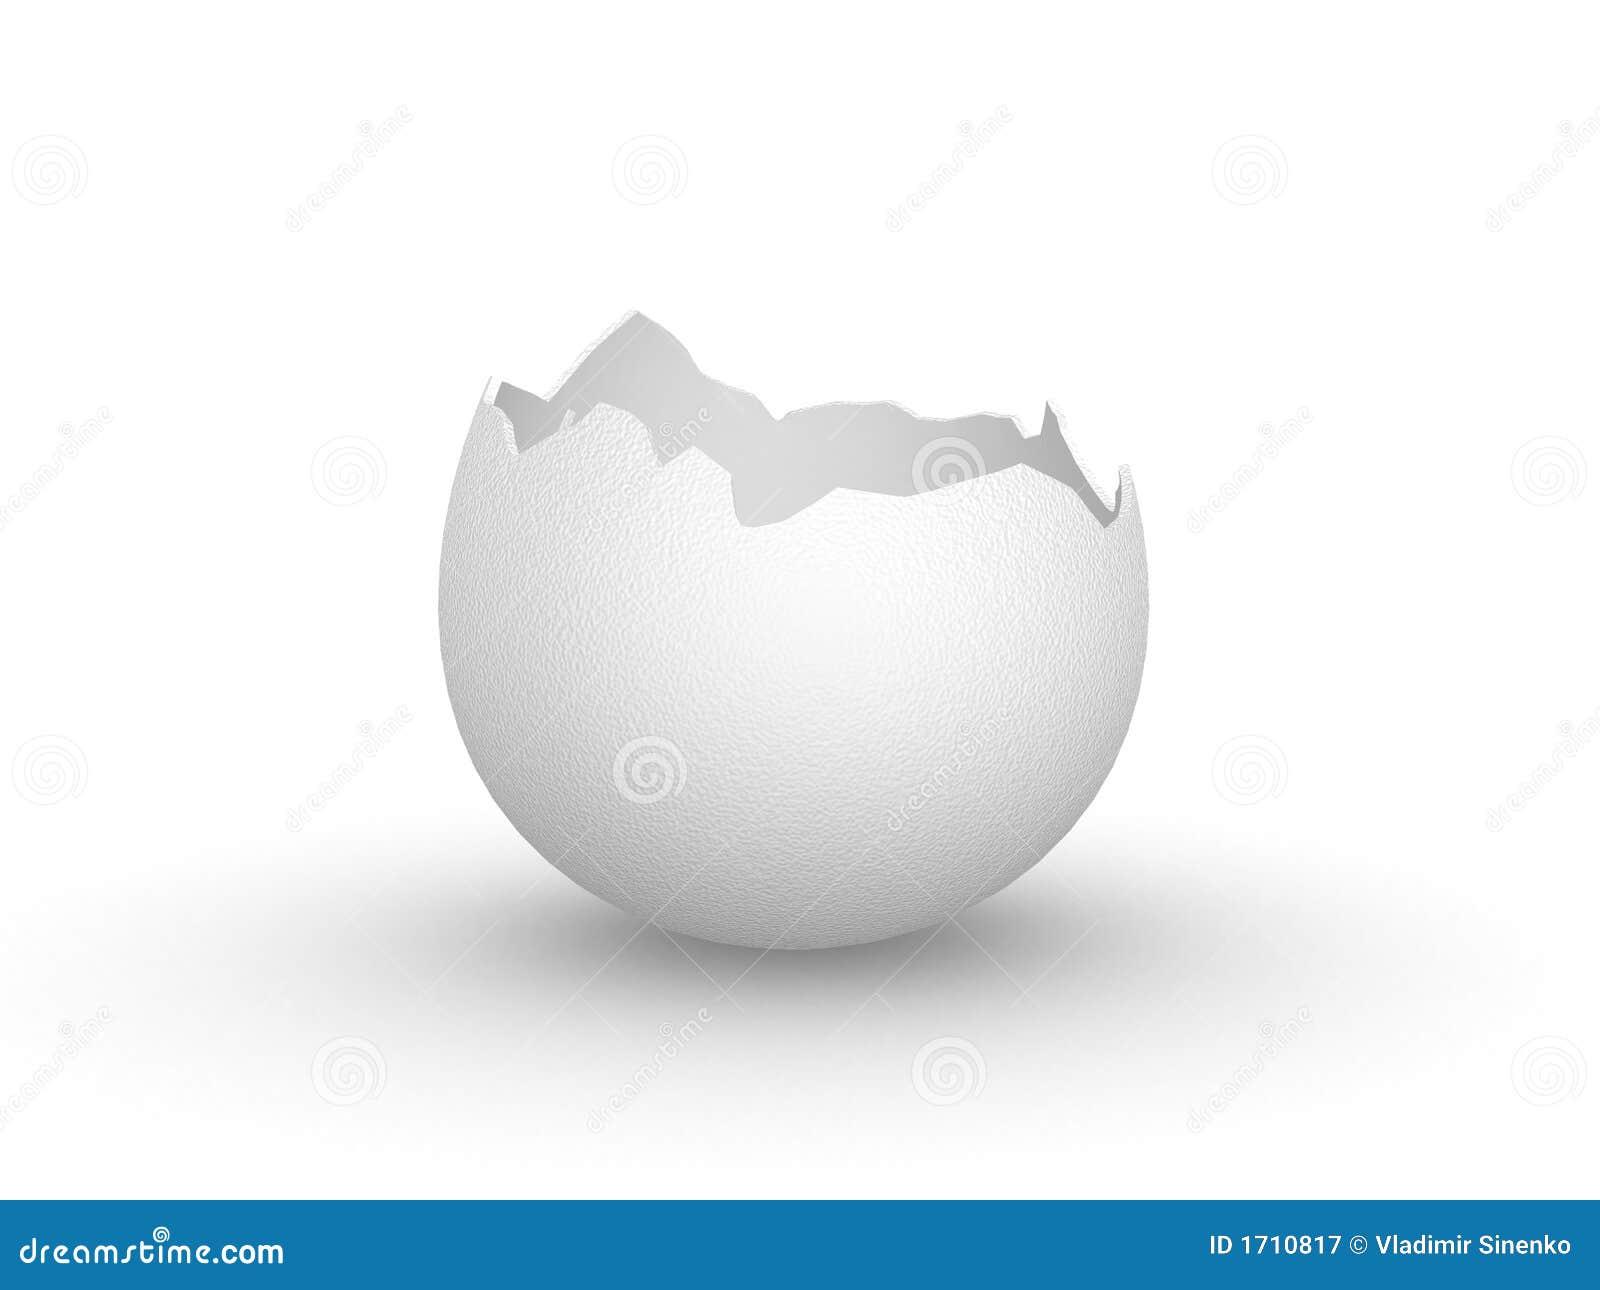 Broken Eggshell Stock Illustrations – 538 Broken Eggshell Stock ...